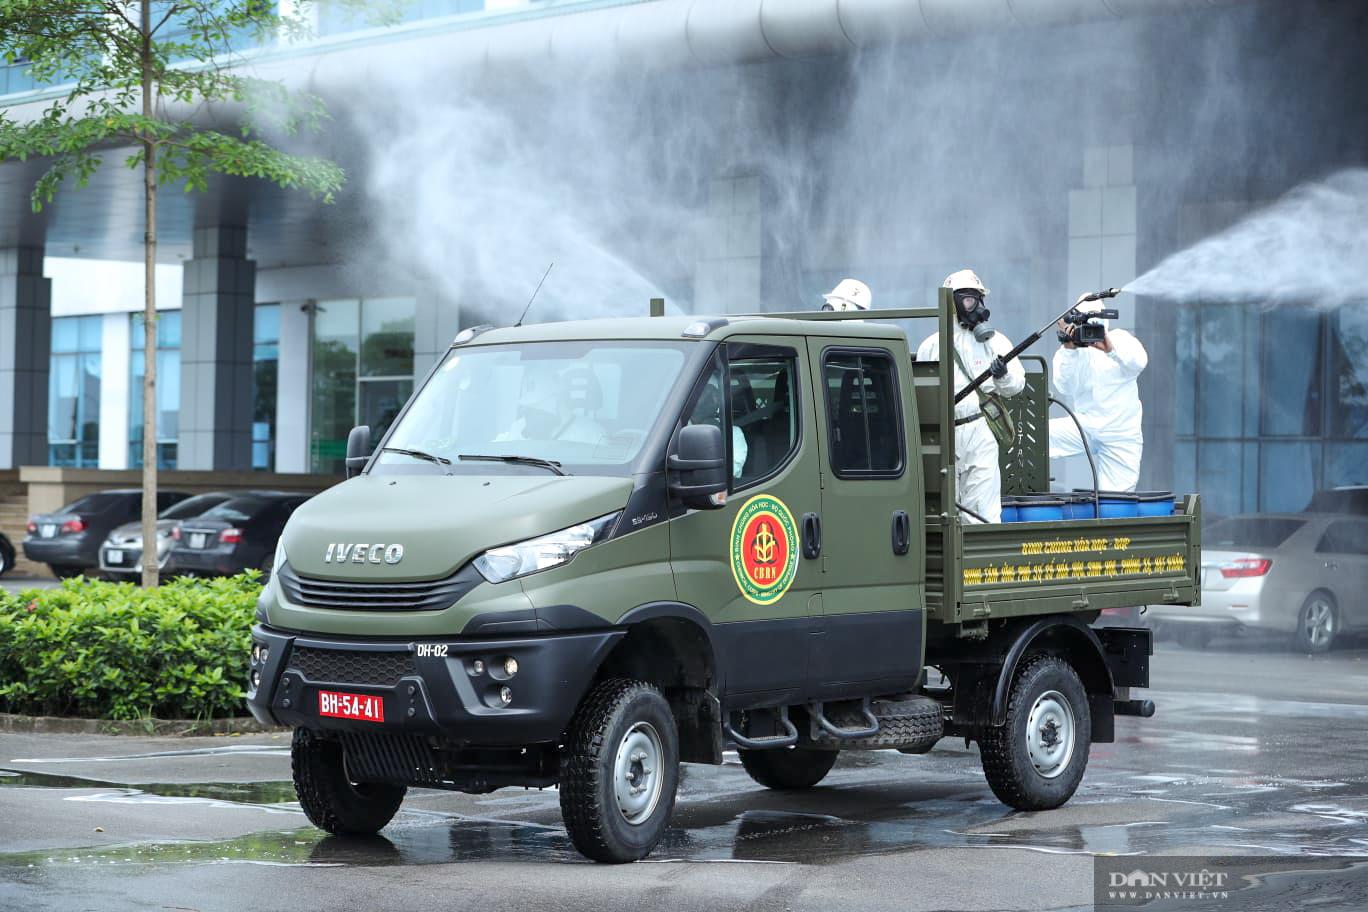 Hà Nội: khử khuẩn toàn bộ Bệnh viện Bệnh Nhiệt đới Trung ương cơ sở Đông Anh - Ảnh 4.